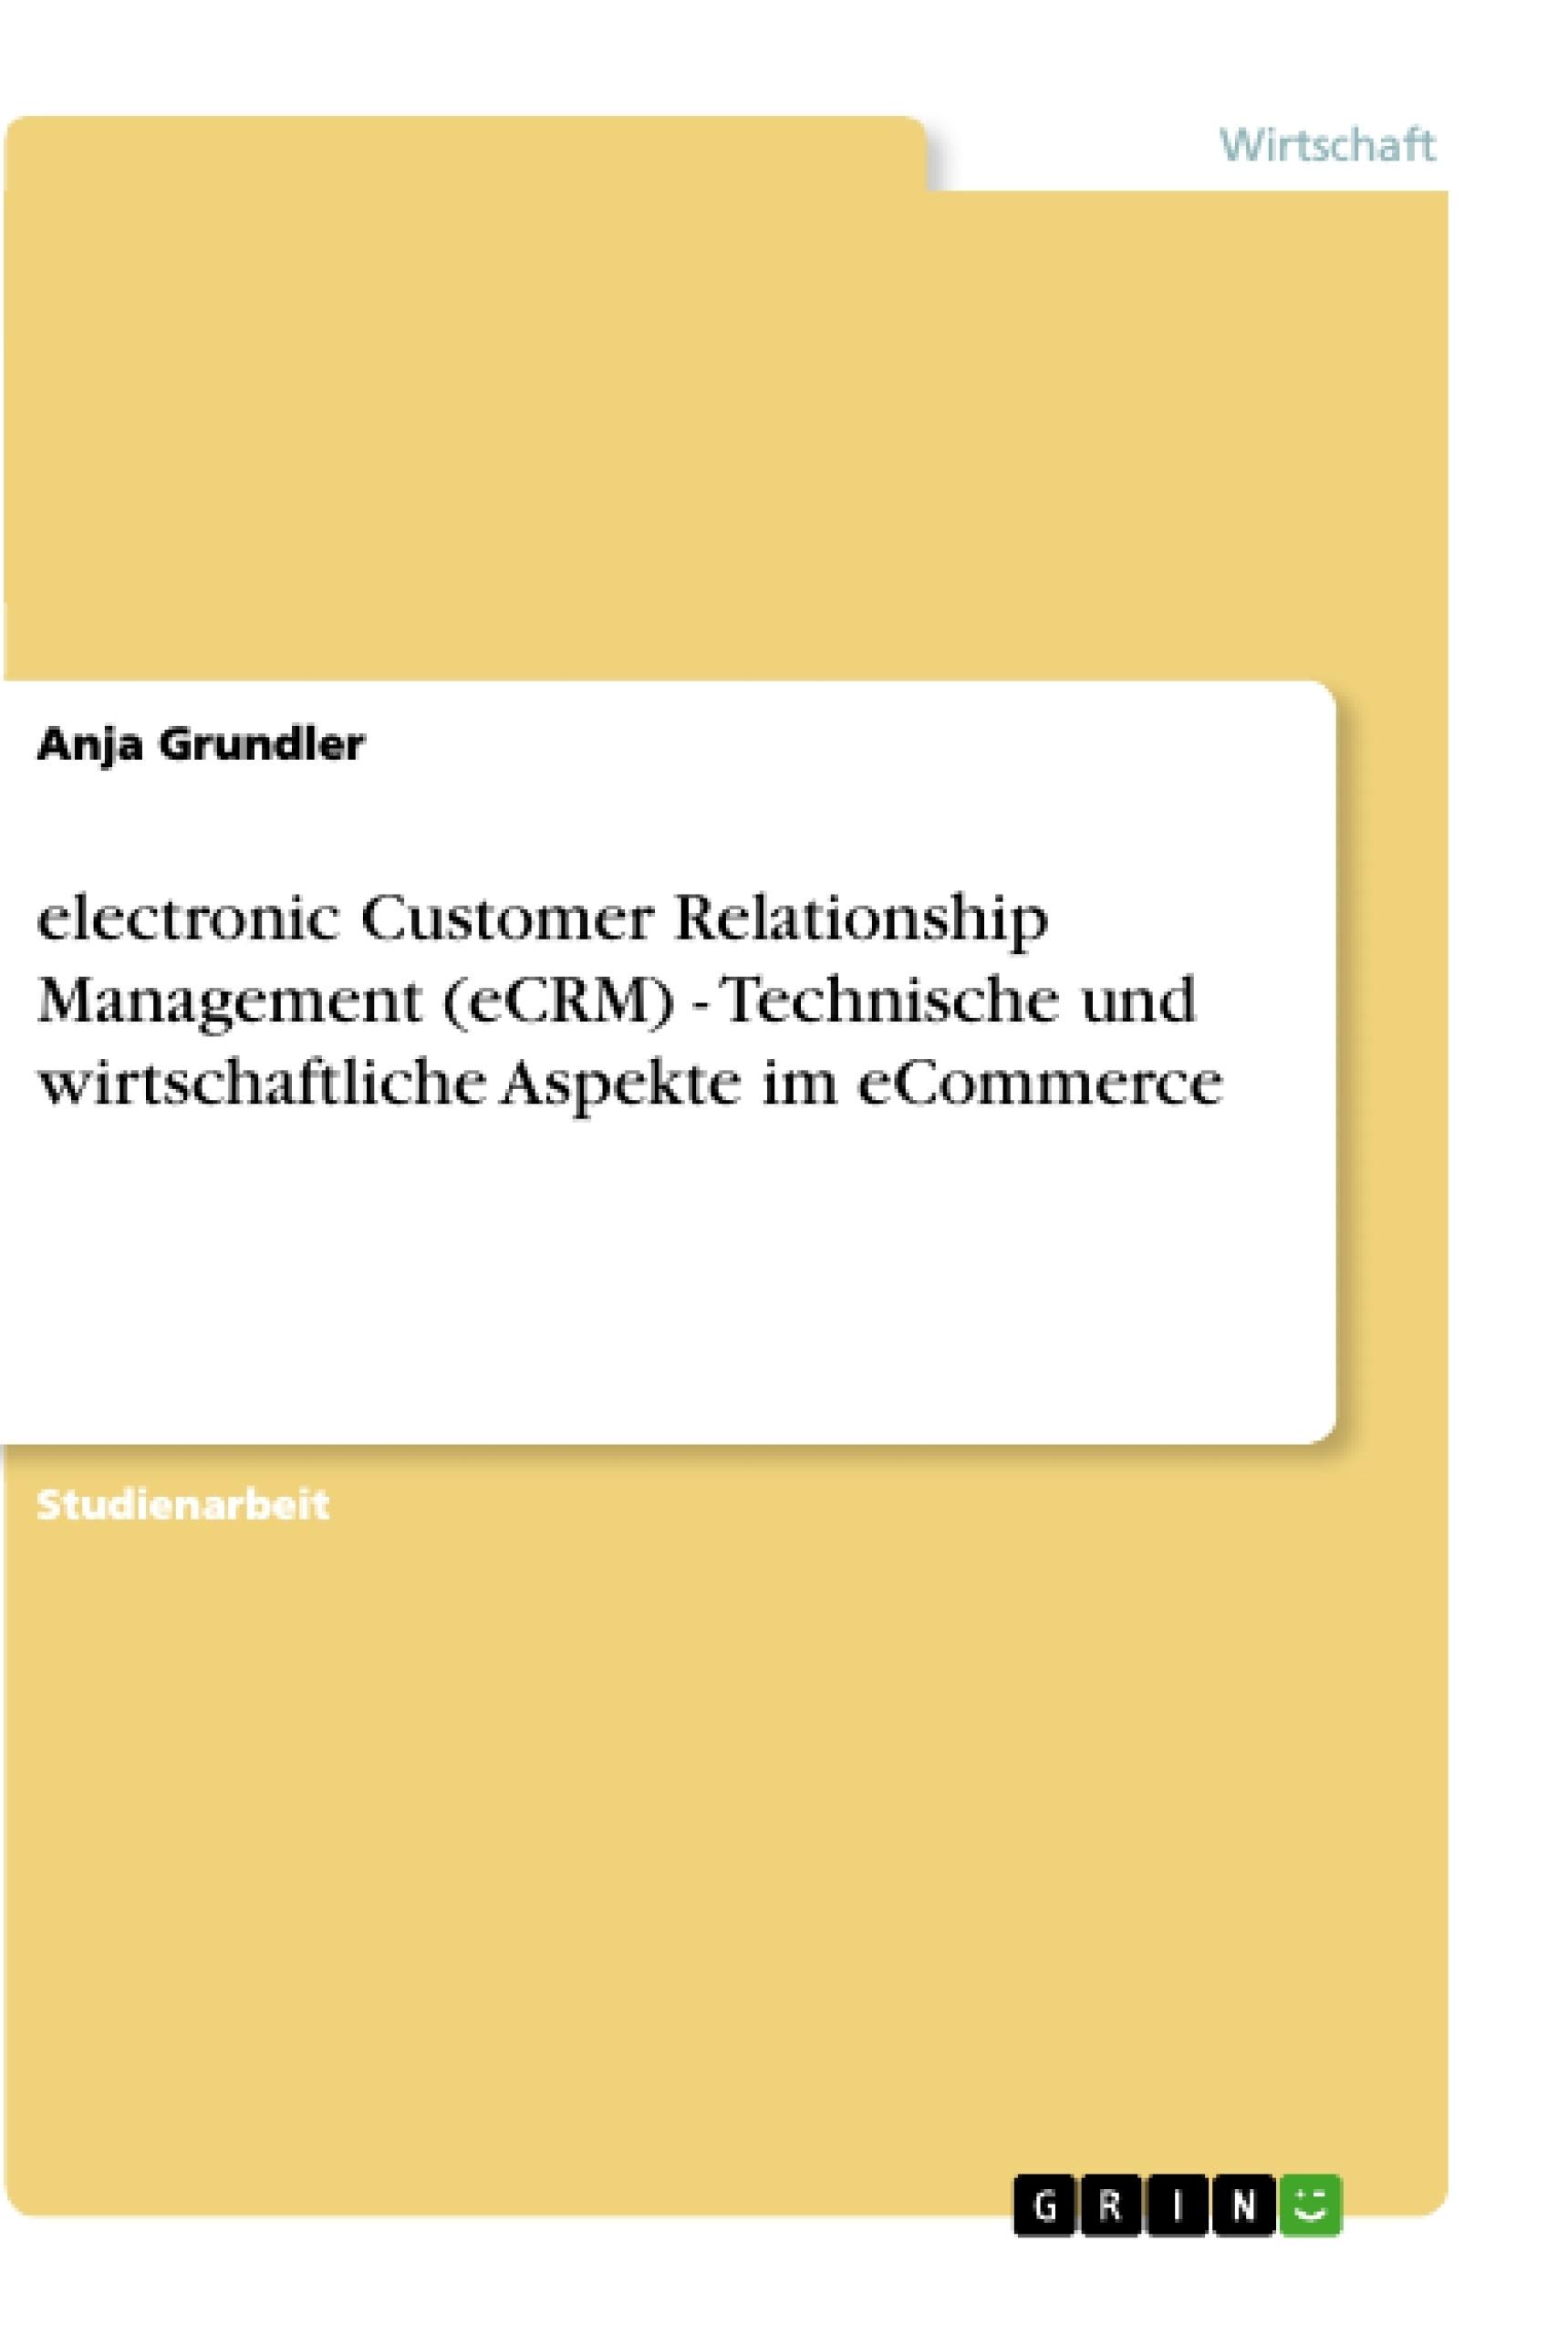 Titel: electronic Customer Relationship Management (eCRM) - Technische und wirtschaftliche Aspekte im eCommerce